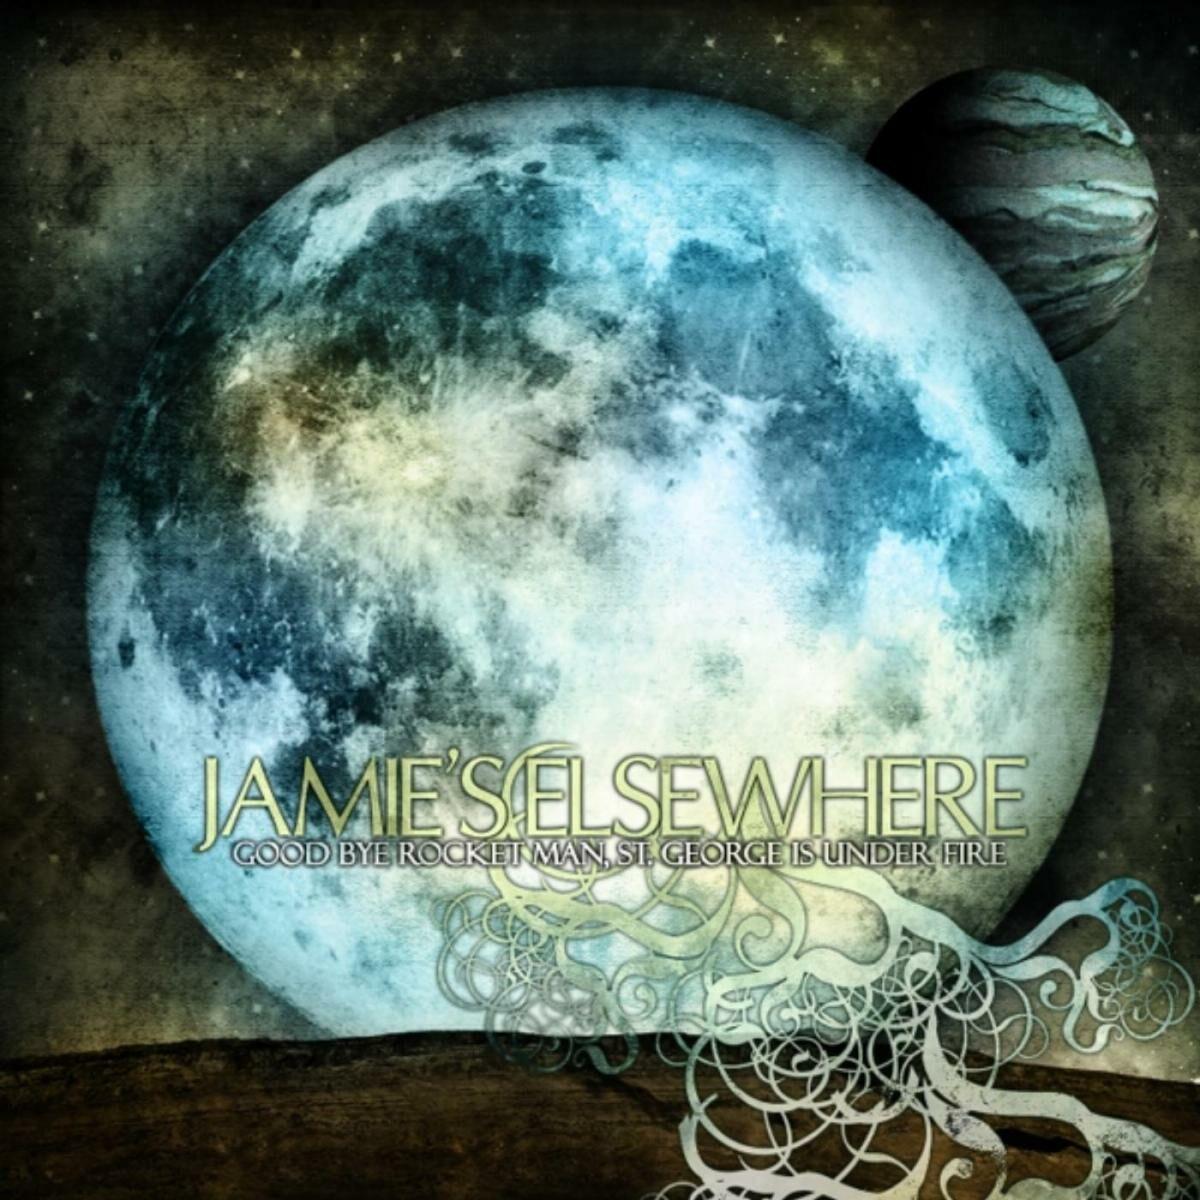 Jamie's Elsewhere - Good Bye Rocket Man, St. George Is Under Fire [EP] (2007)